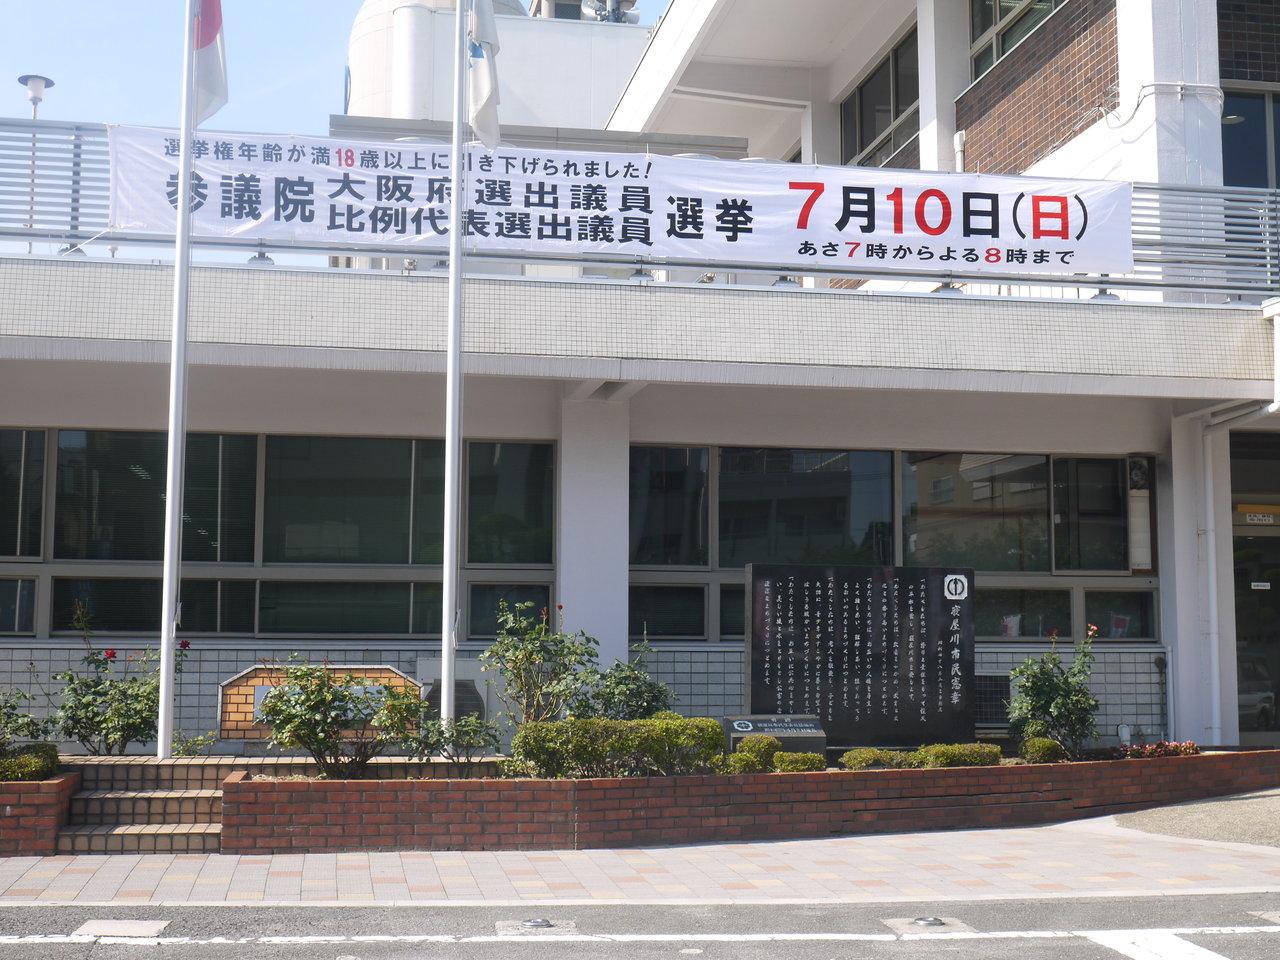 経歴 松川 の 参議院 るい 議員